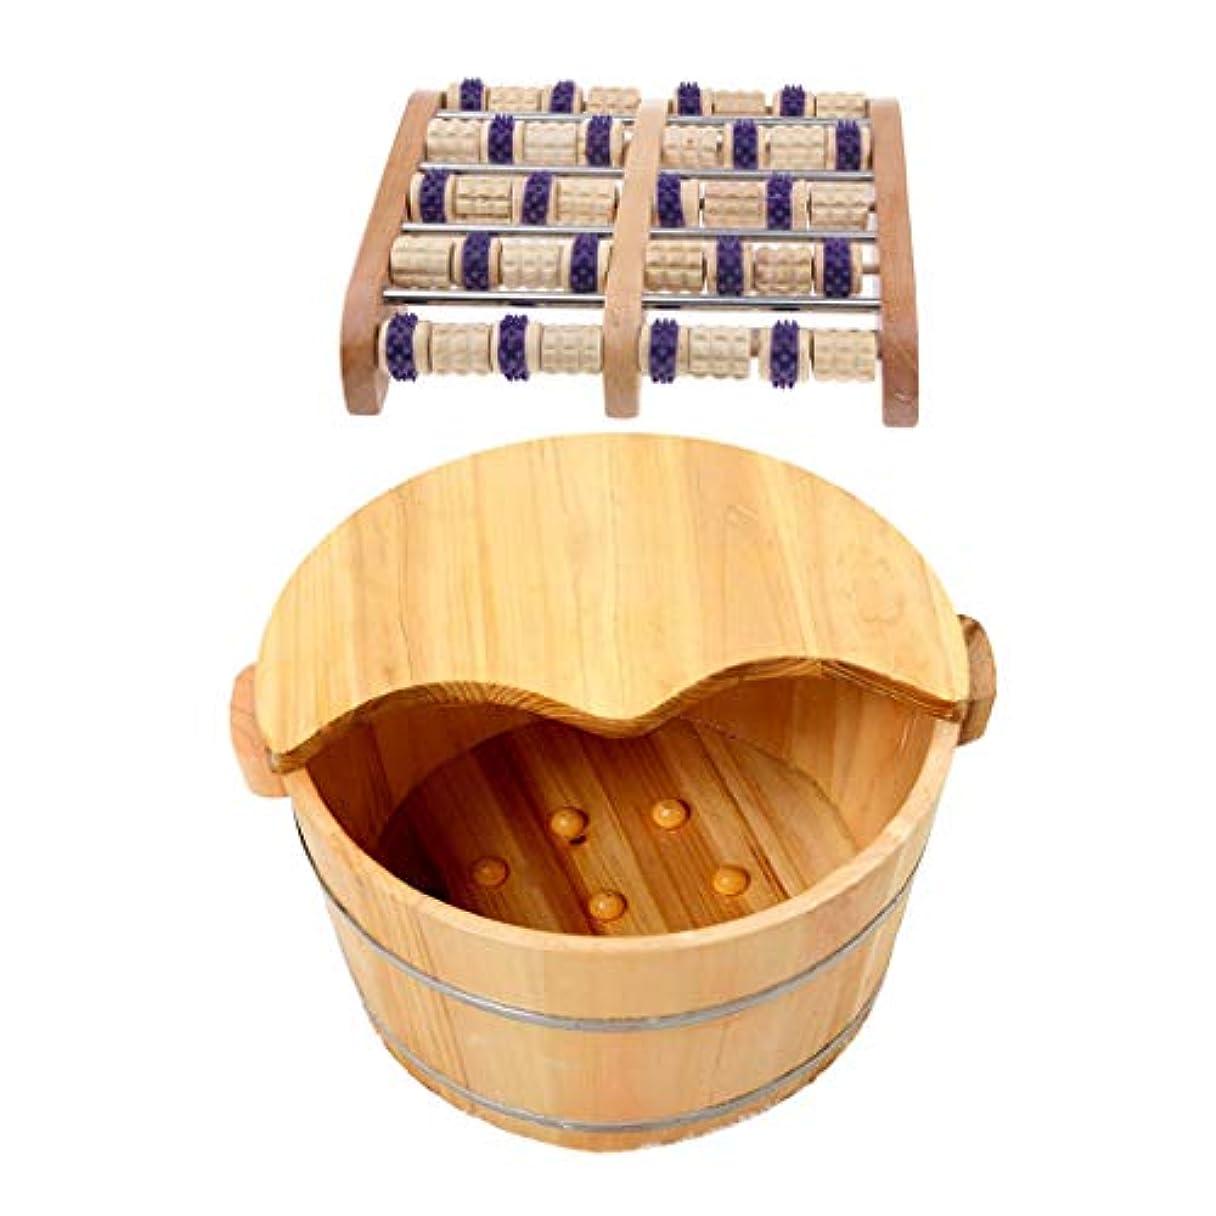 どうしたのレバー肝Fenteer 足つぼマッサージ 手作りウッドマッサー フット ローラー 足裏刺激 血行促進 木製の足の洗面台付き